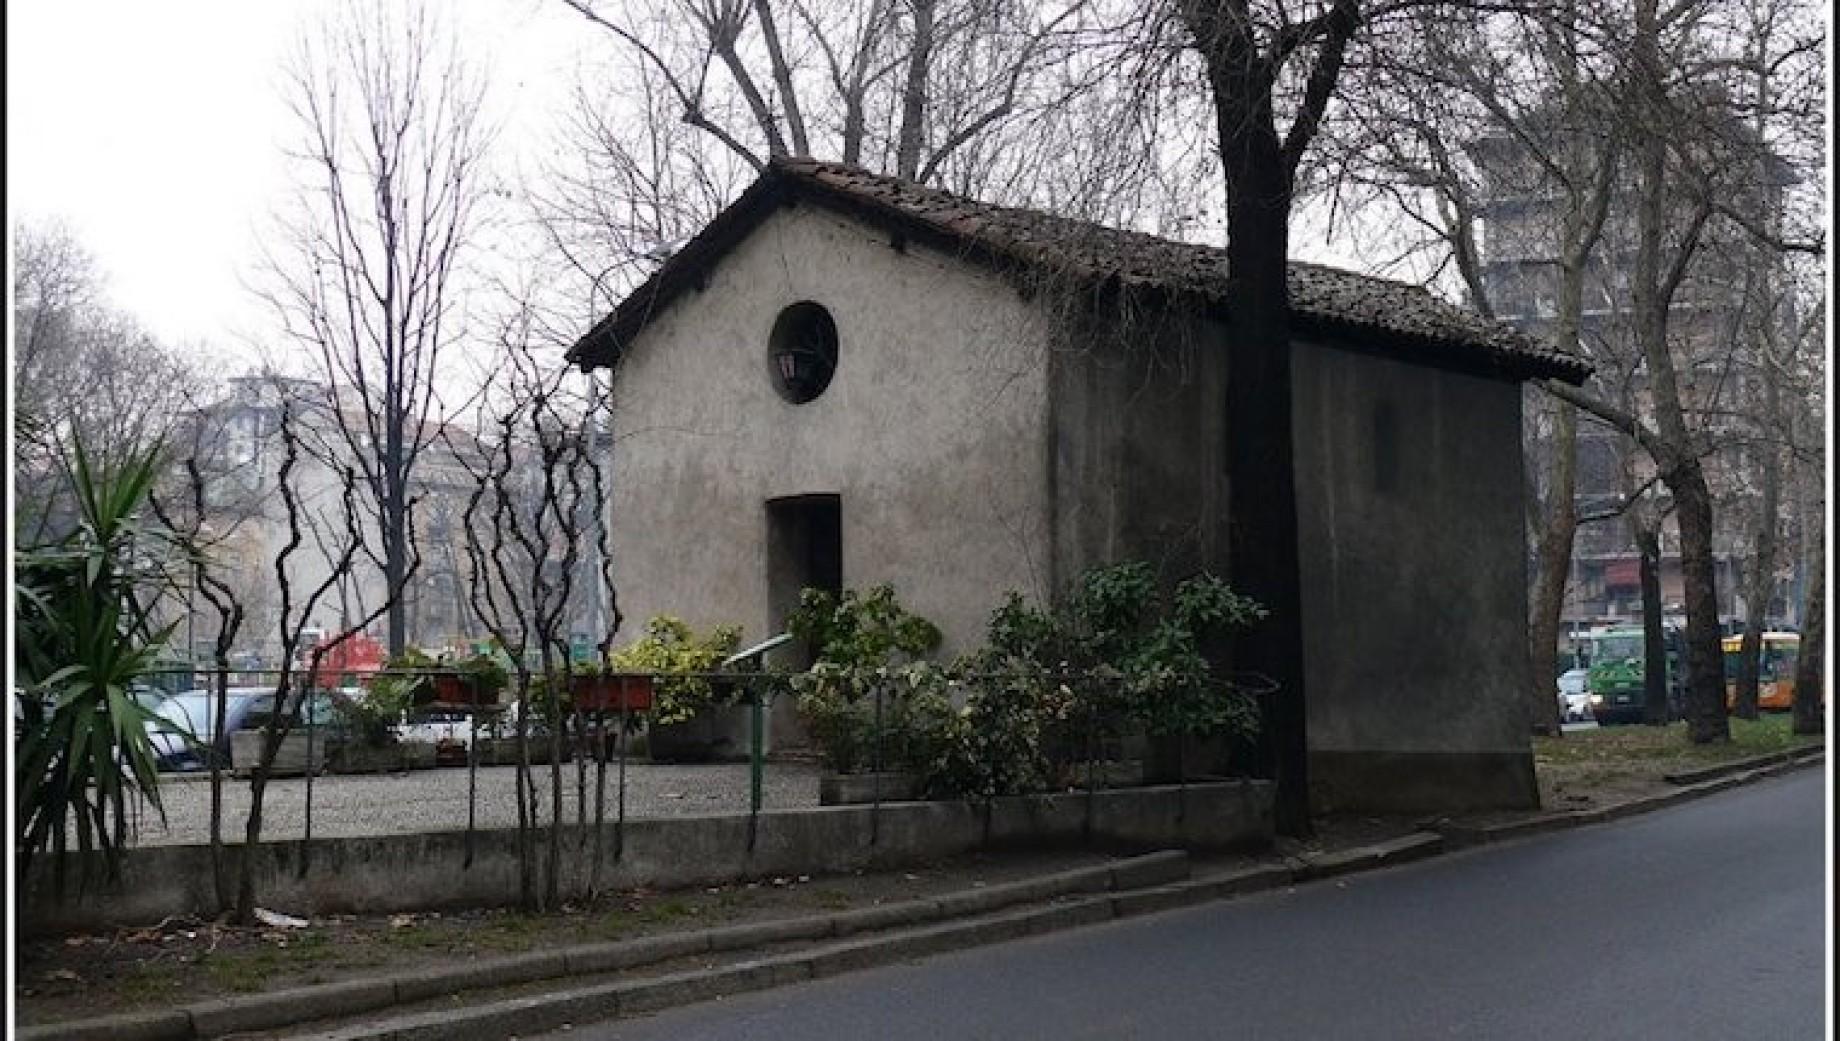 Risultati immagini per Oratorio di San Protaso al Lorenteggio - La chiesetta delle lucertole